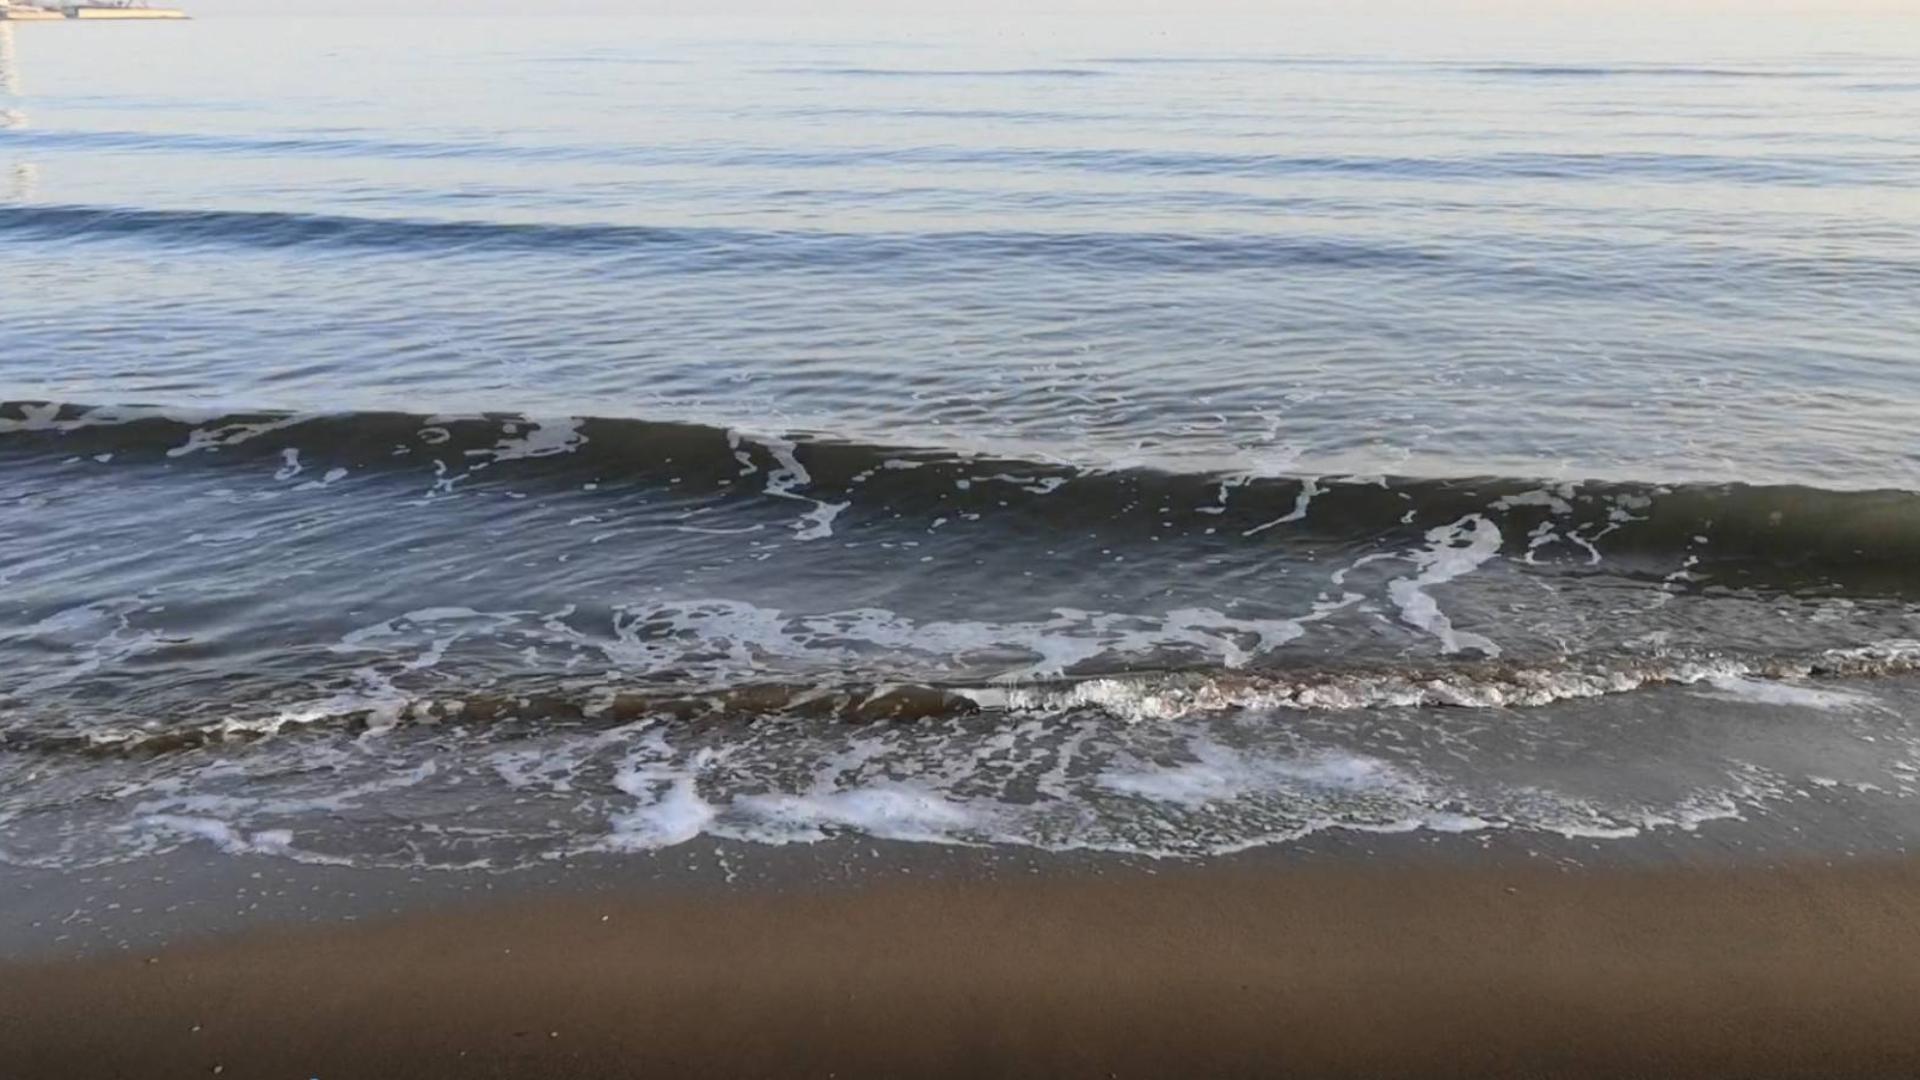 【散装诗人】北戴河 是片海